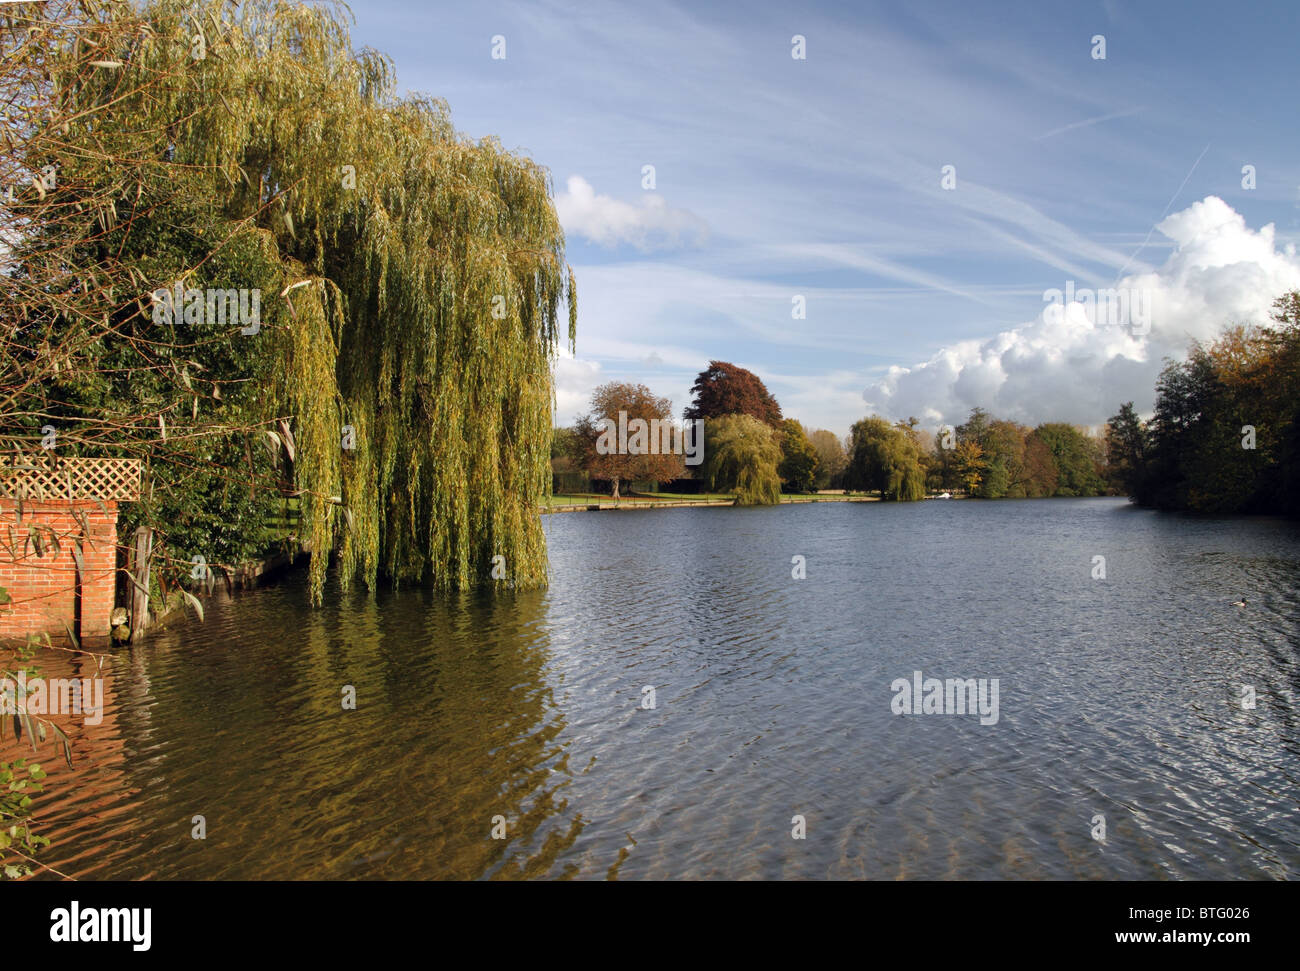 The river Thames at Mednemham, Berkshire, England Stock Photo